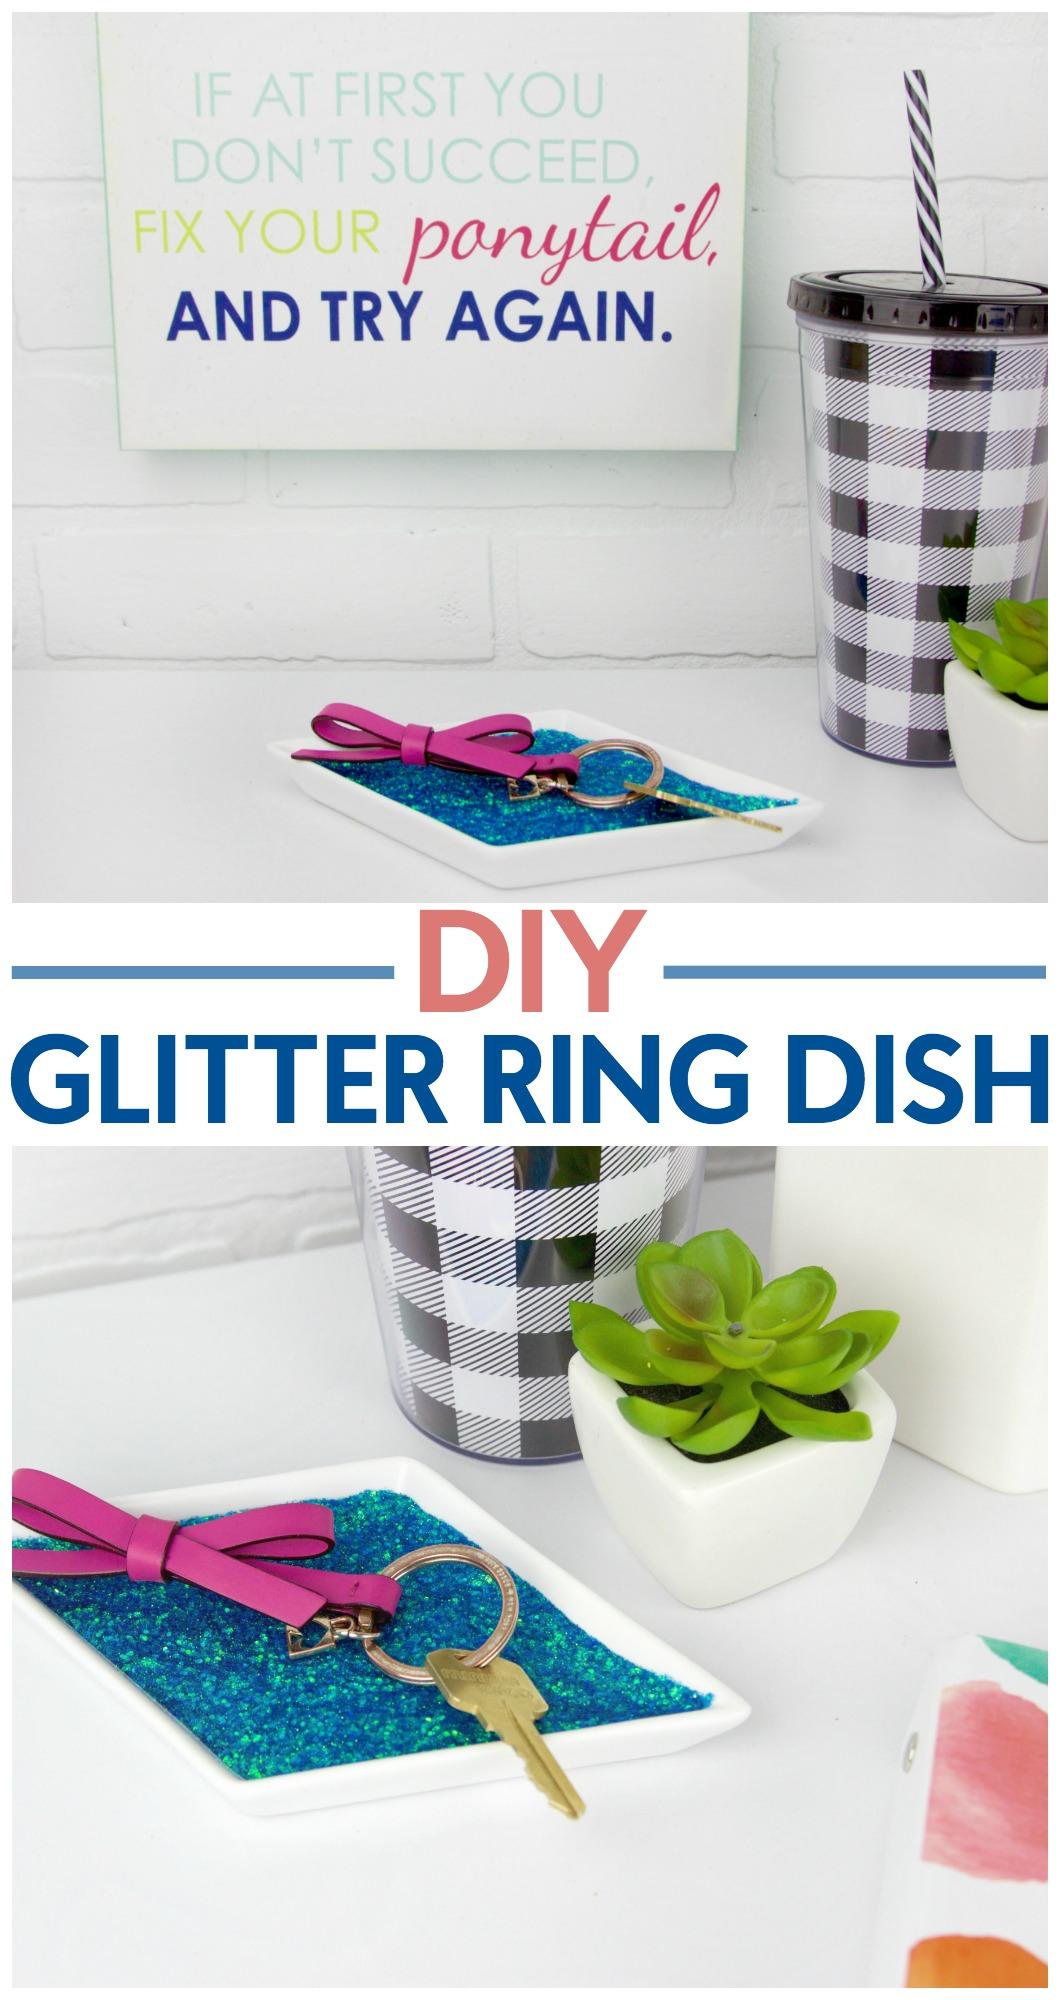 diy_glitter_ring_dish